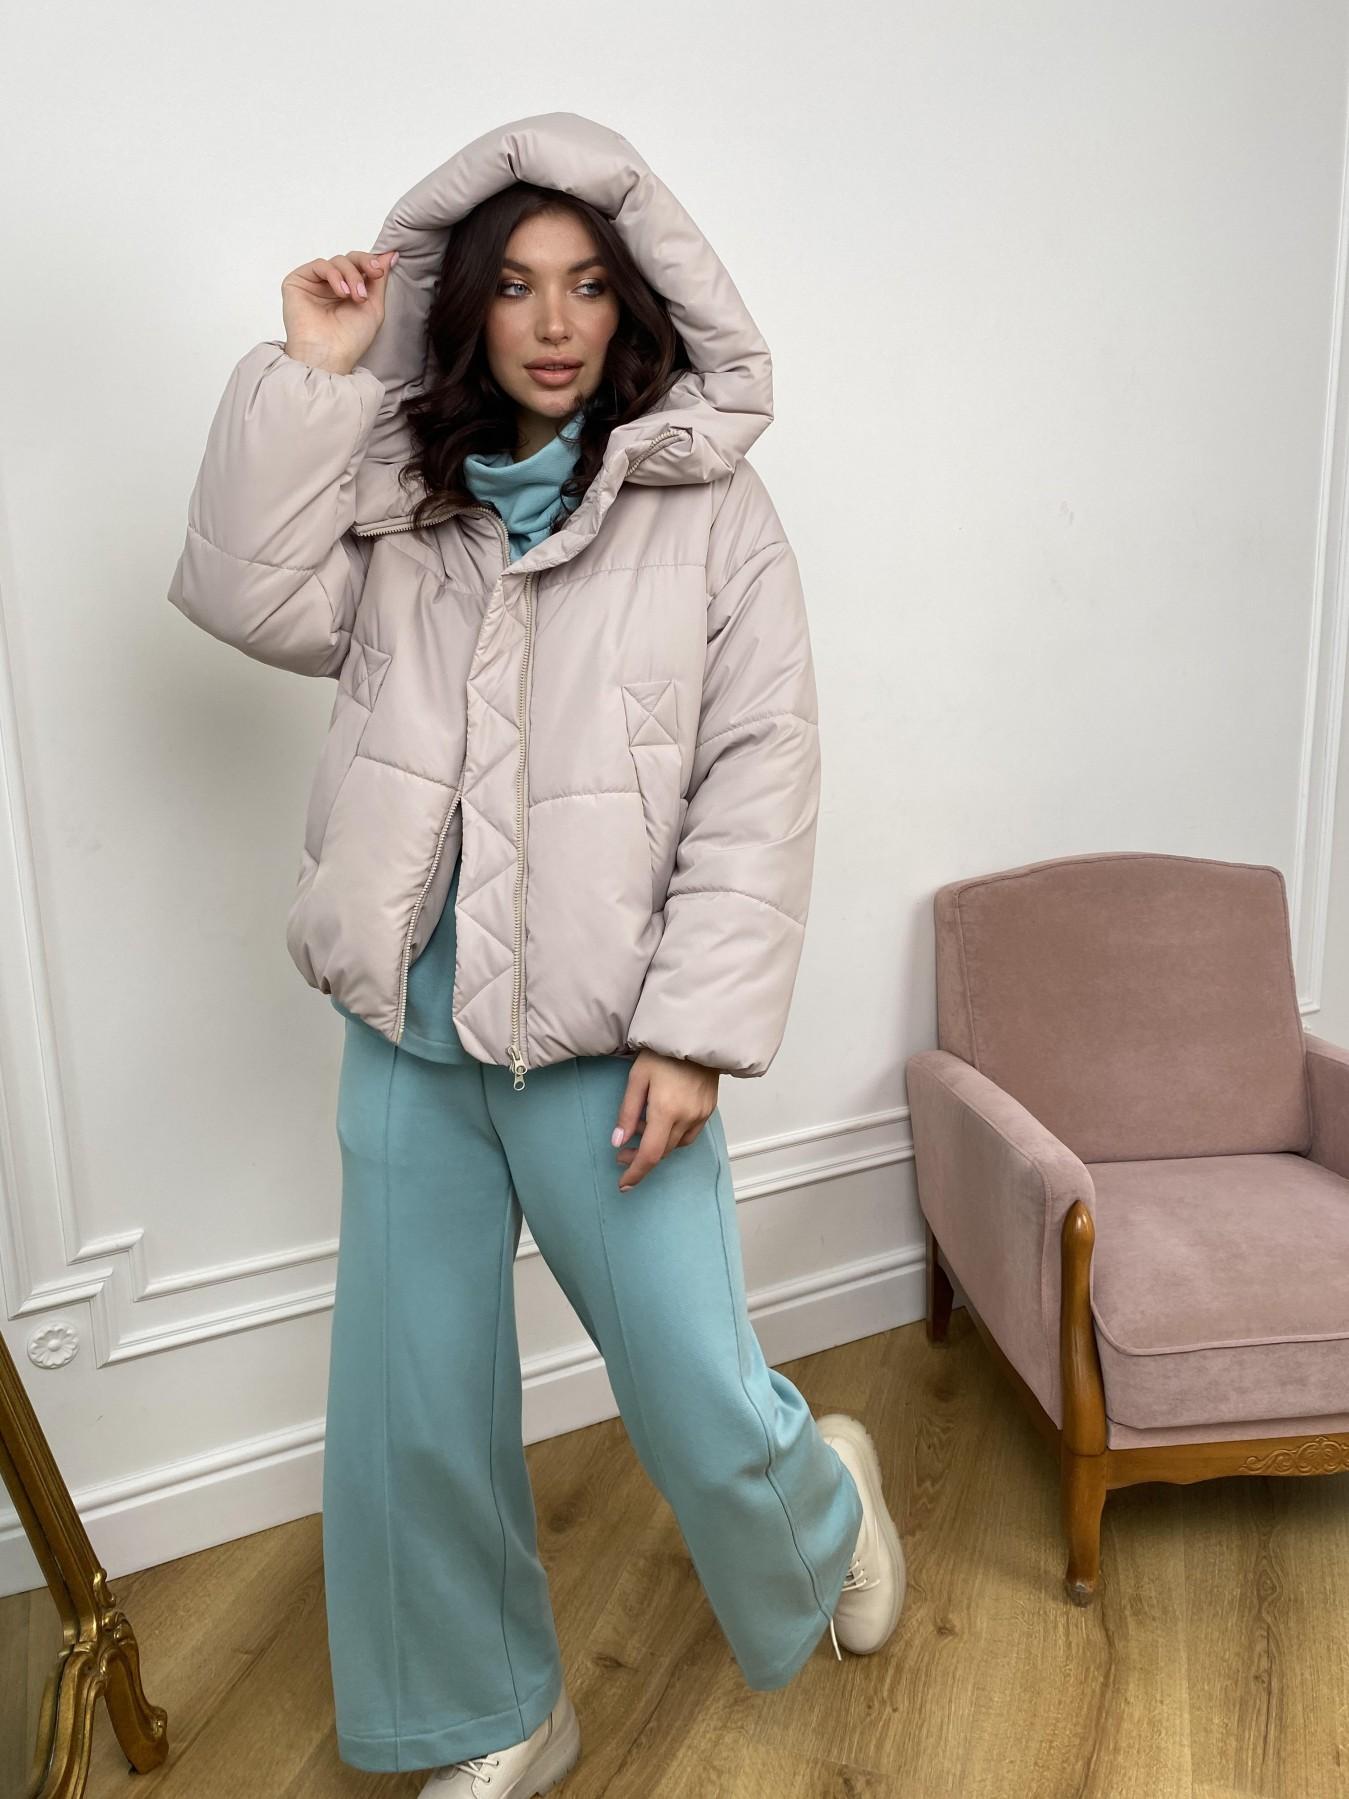 Нокс куртка из плащевой ткани 10535 АРТ. 46974 Цвет: Бежевый 511 - фото 4, интернет магазин tm-modus.ru